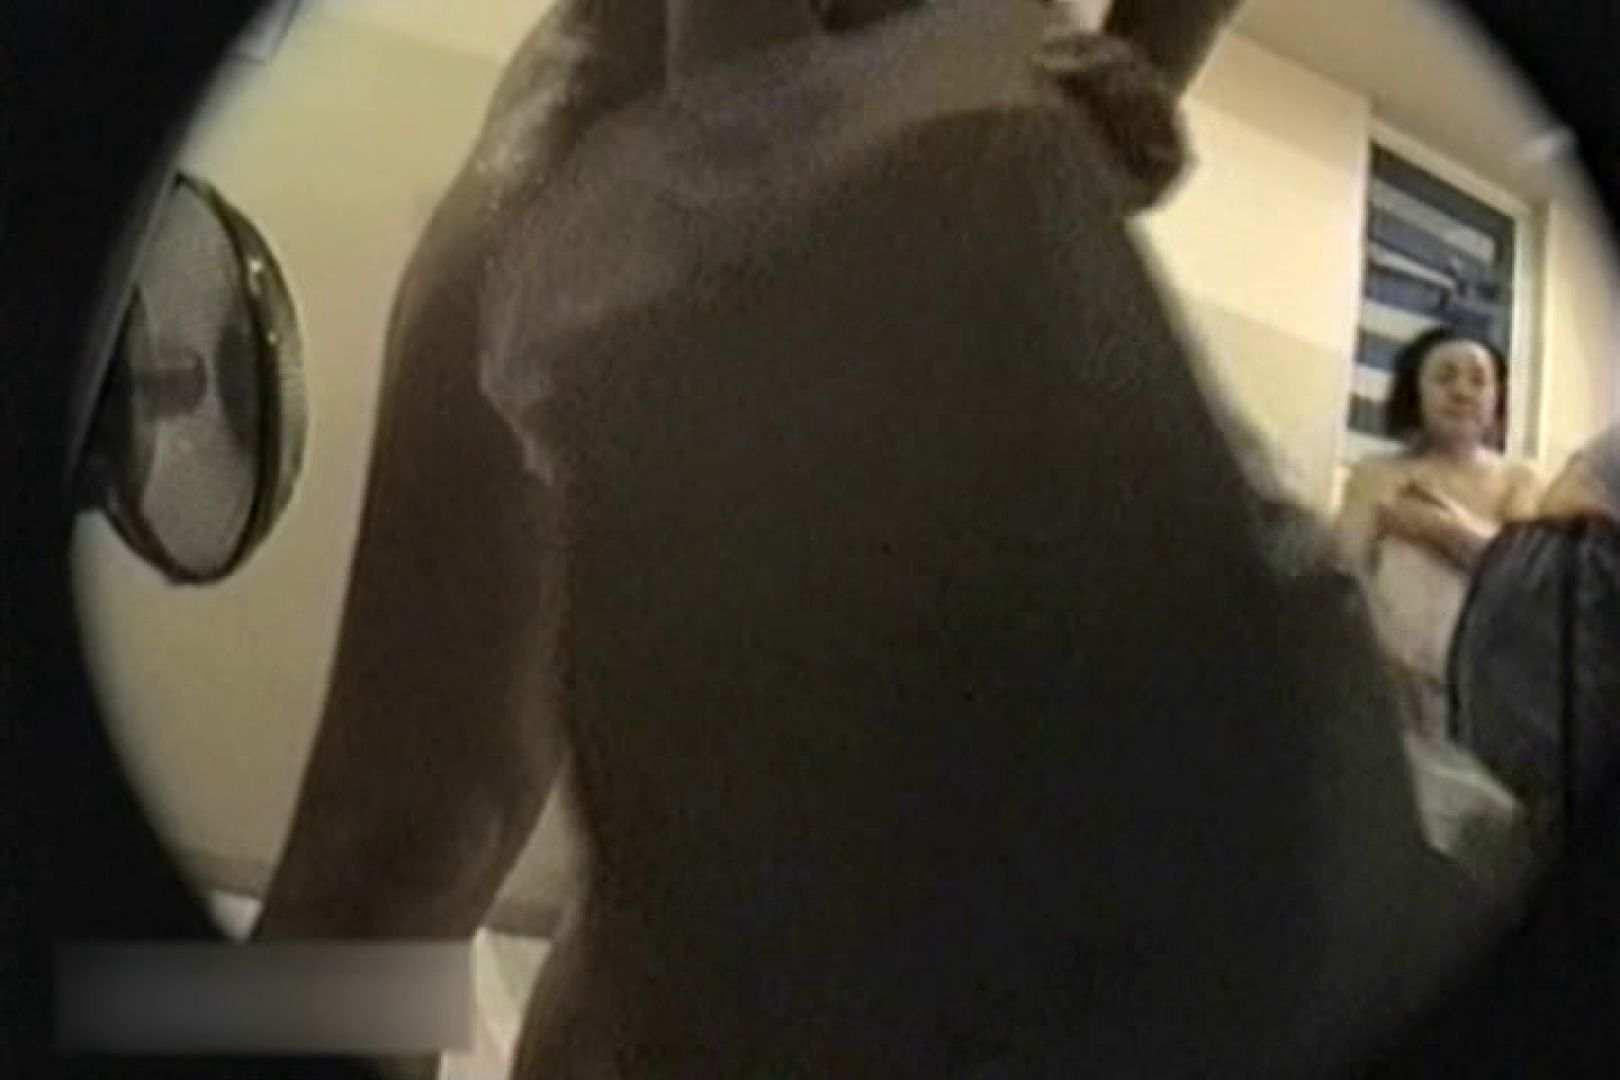 某隊長執念の張り込み!更衣室お着替え覗きVOL.01 裸体 盗撮オメコ無修正動画無料 107画像 99